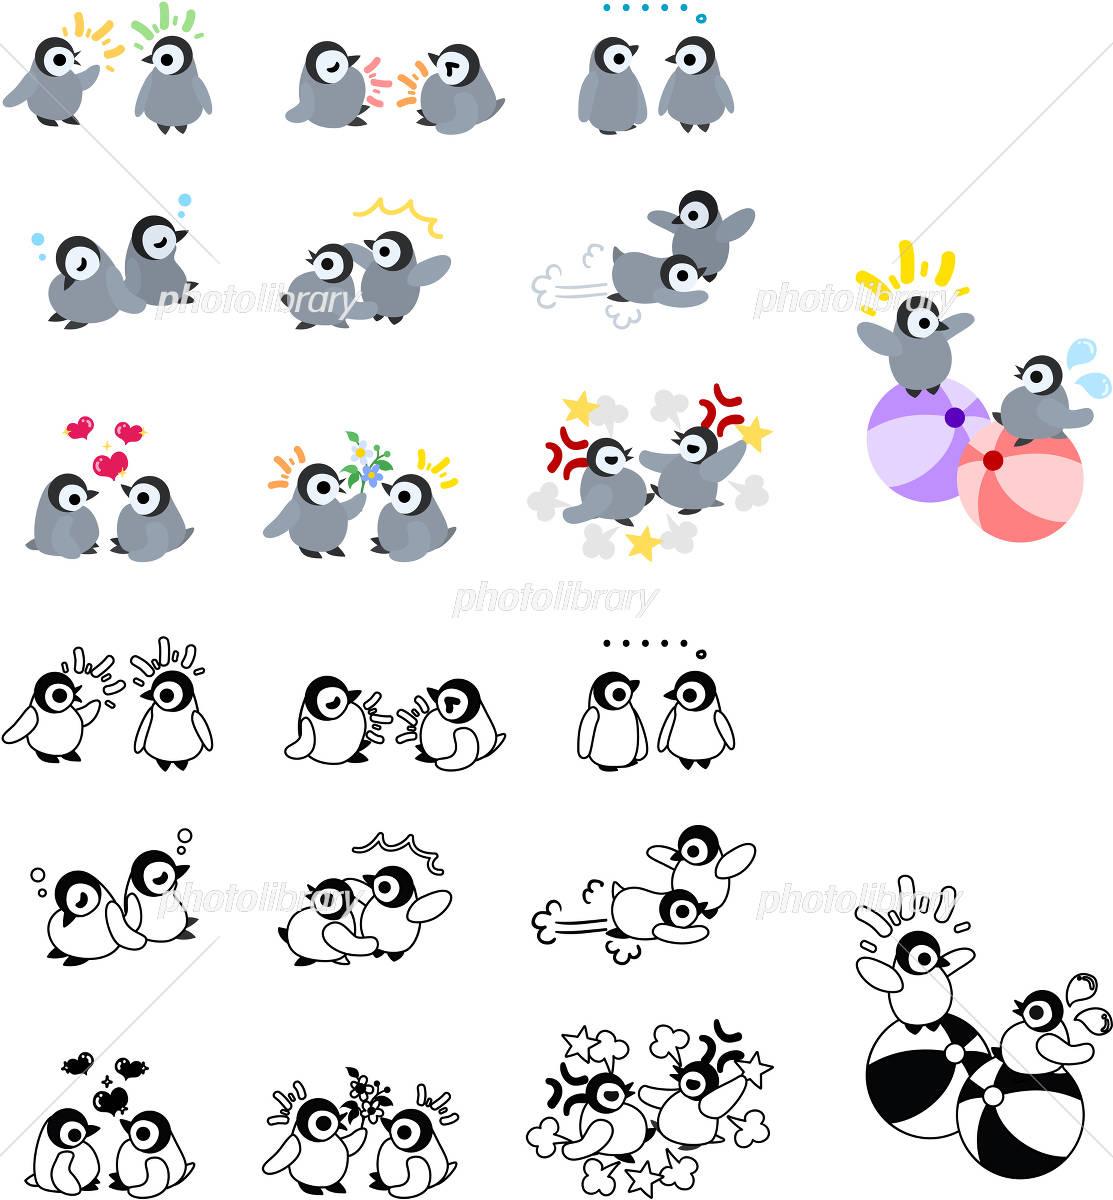 可愛い赤ちゃんペンギンのアイコン イラスト素材 フォトライブラリー Photolibrary